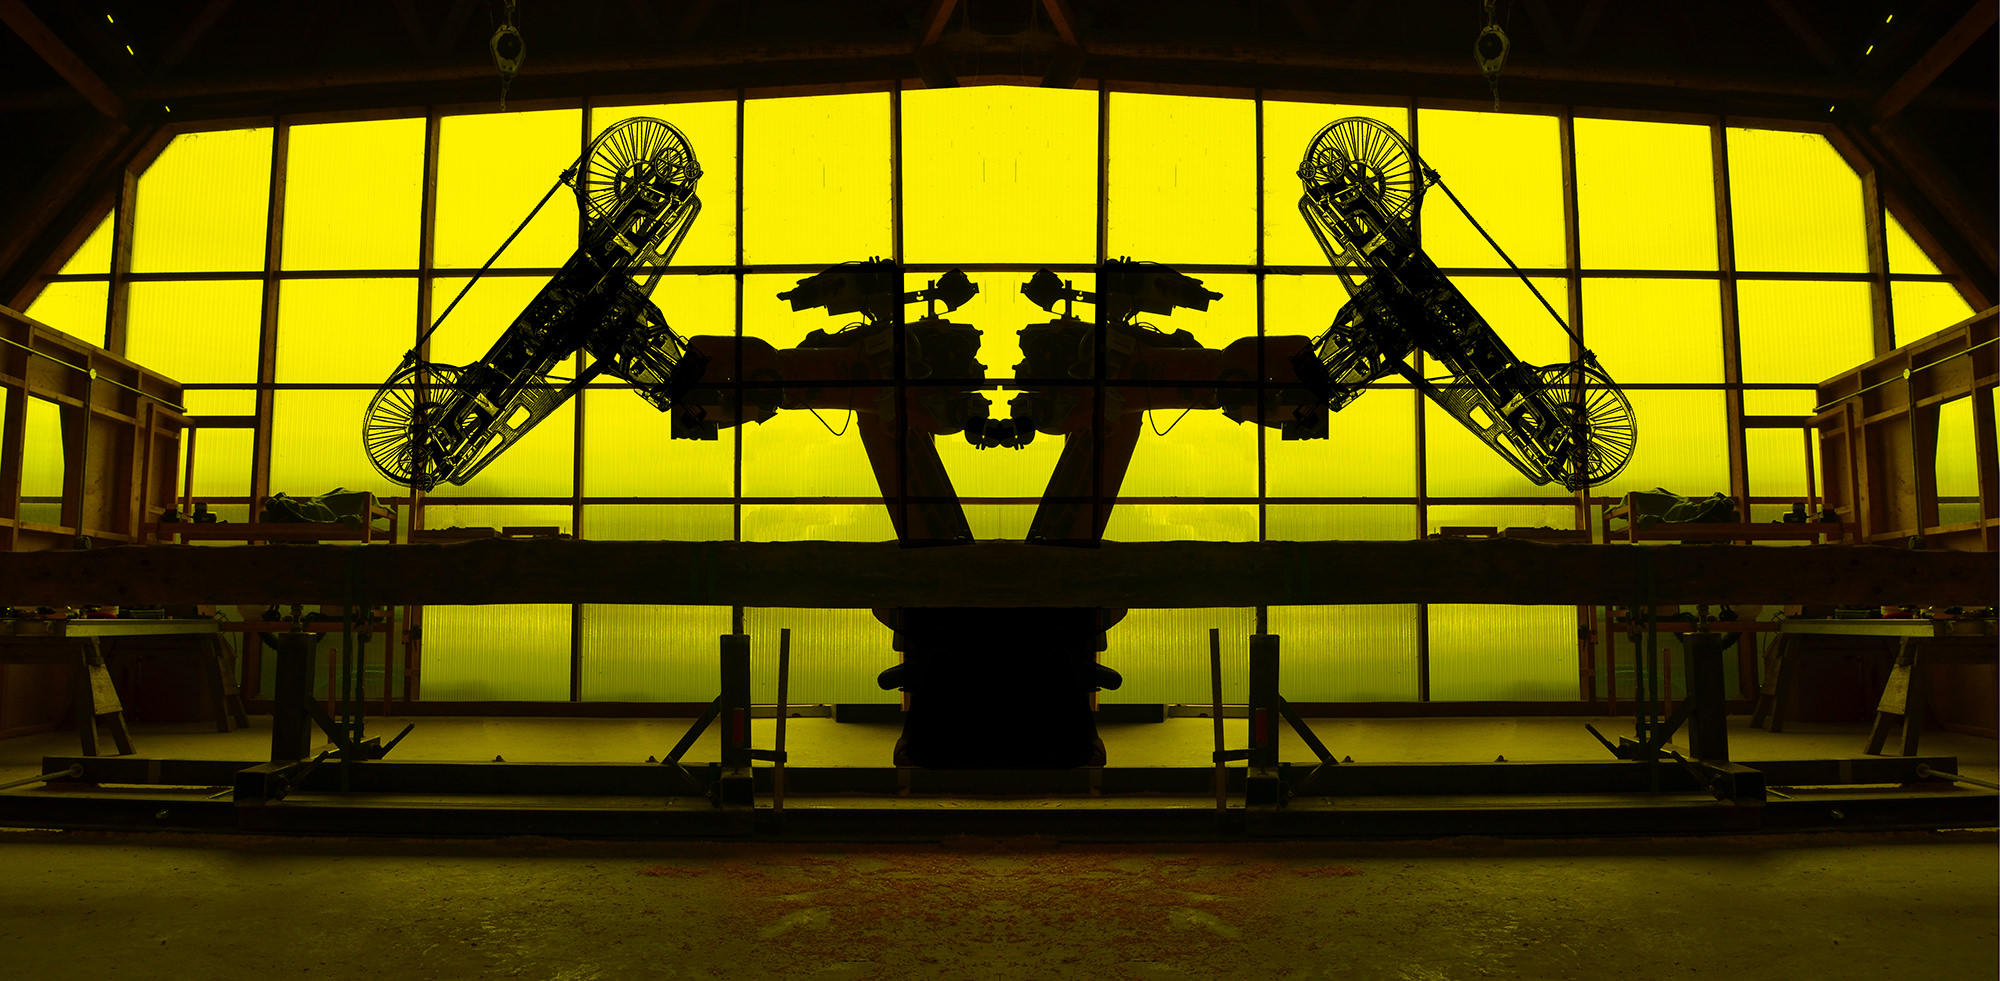 2017-roboticFabrications in barcelona mexico, rhinoceros fabricación digital, grasshopper fabricación